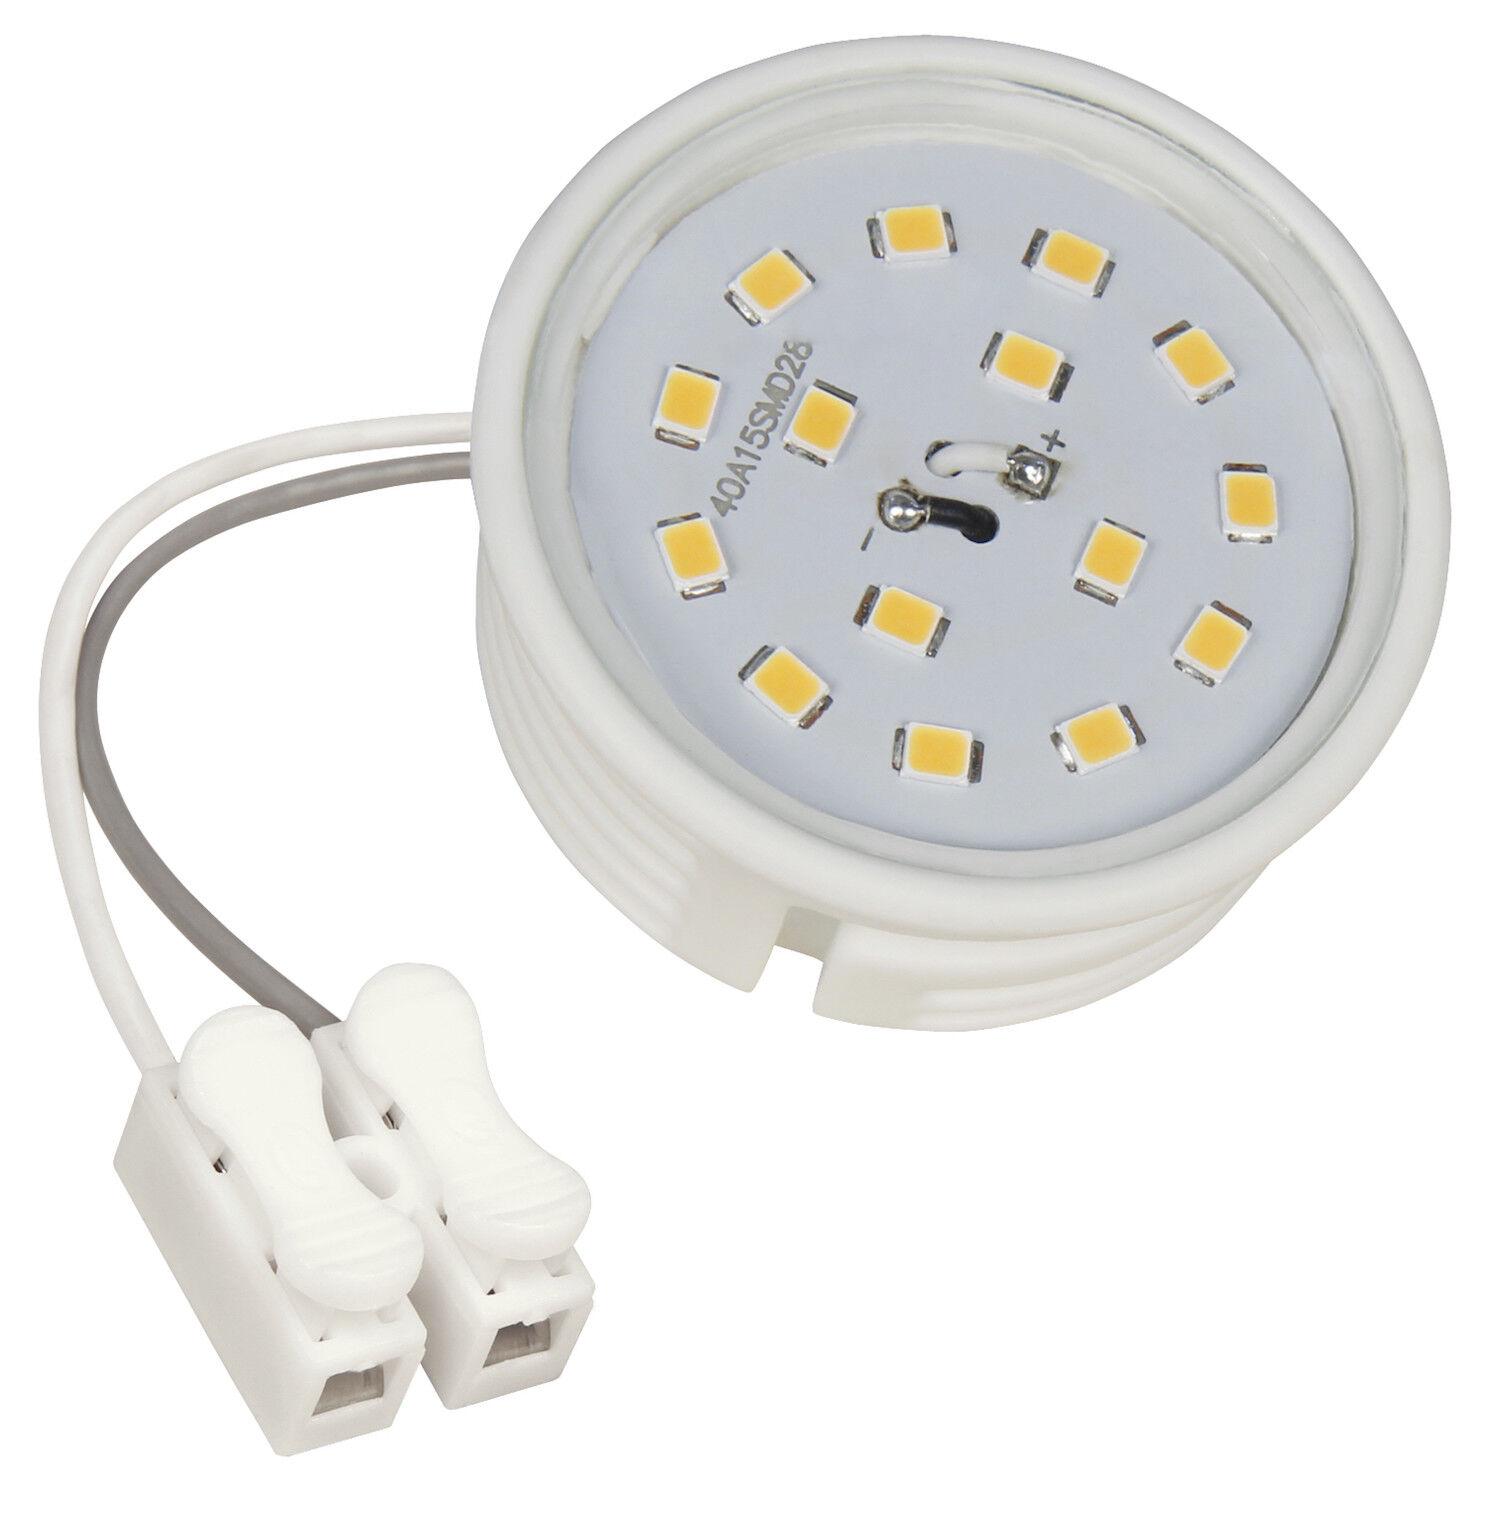 SMD LED Modul   5Watt   Dimmbar   400 Lumen   230Volt   Einbautiefe nur 20mm